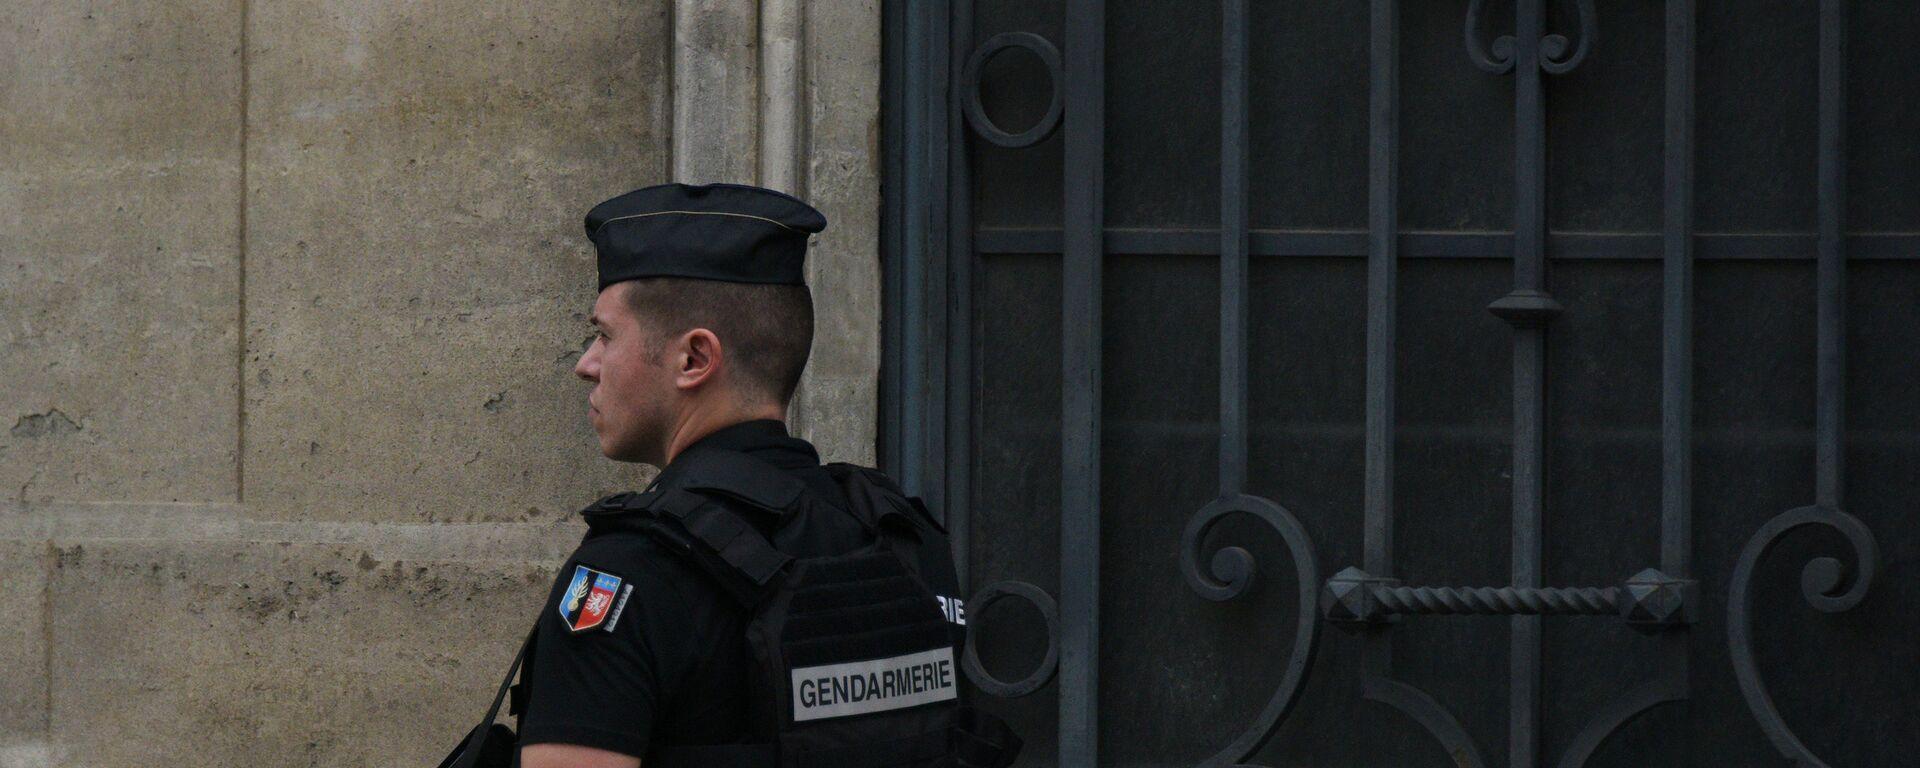 Policista v Paříži - Sputnik Česká republika, 1920, 23.04.2021